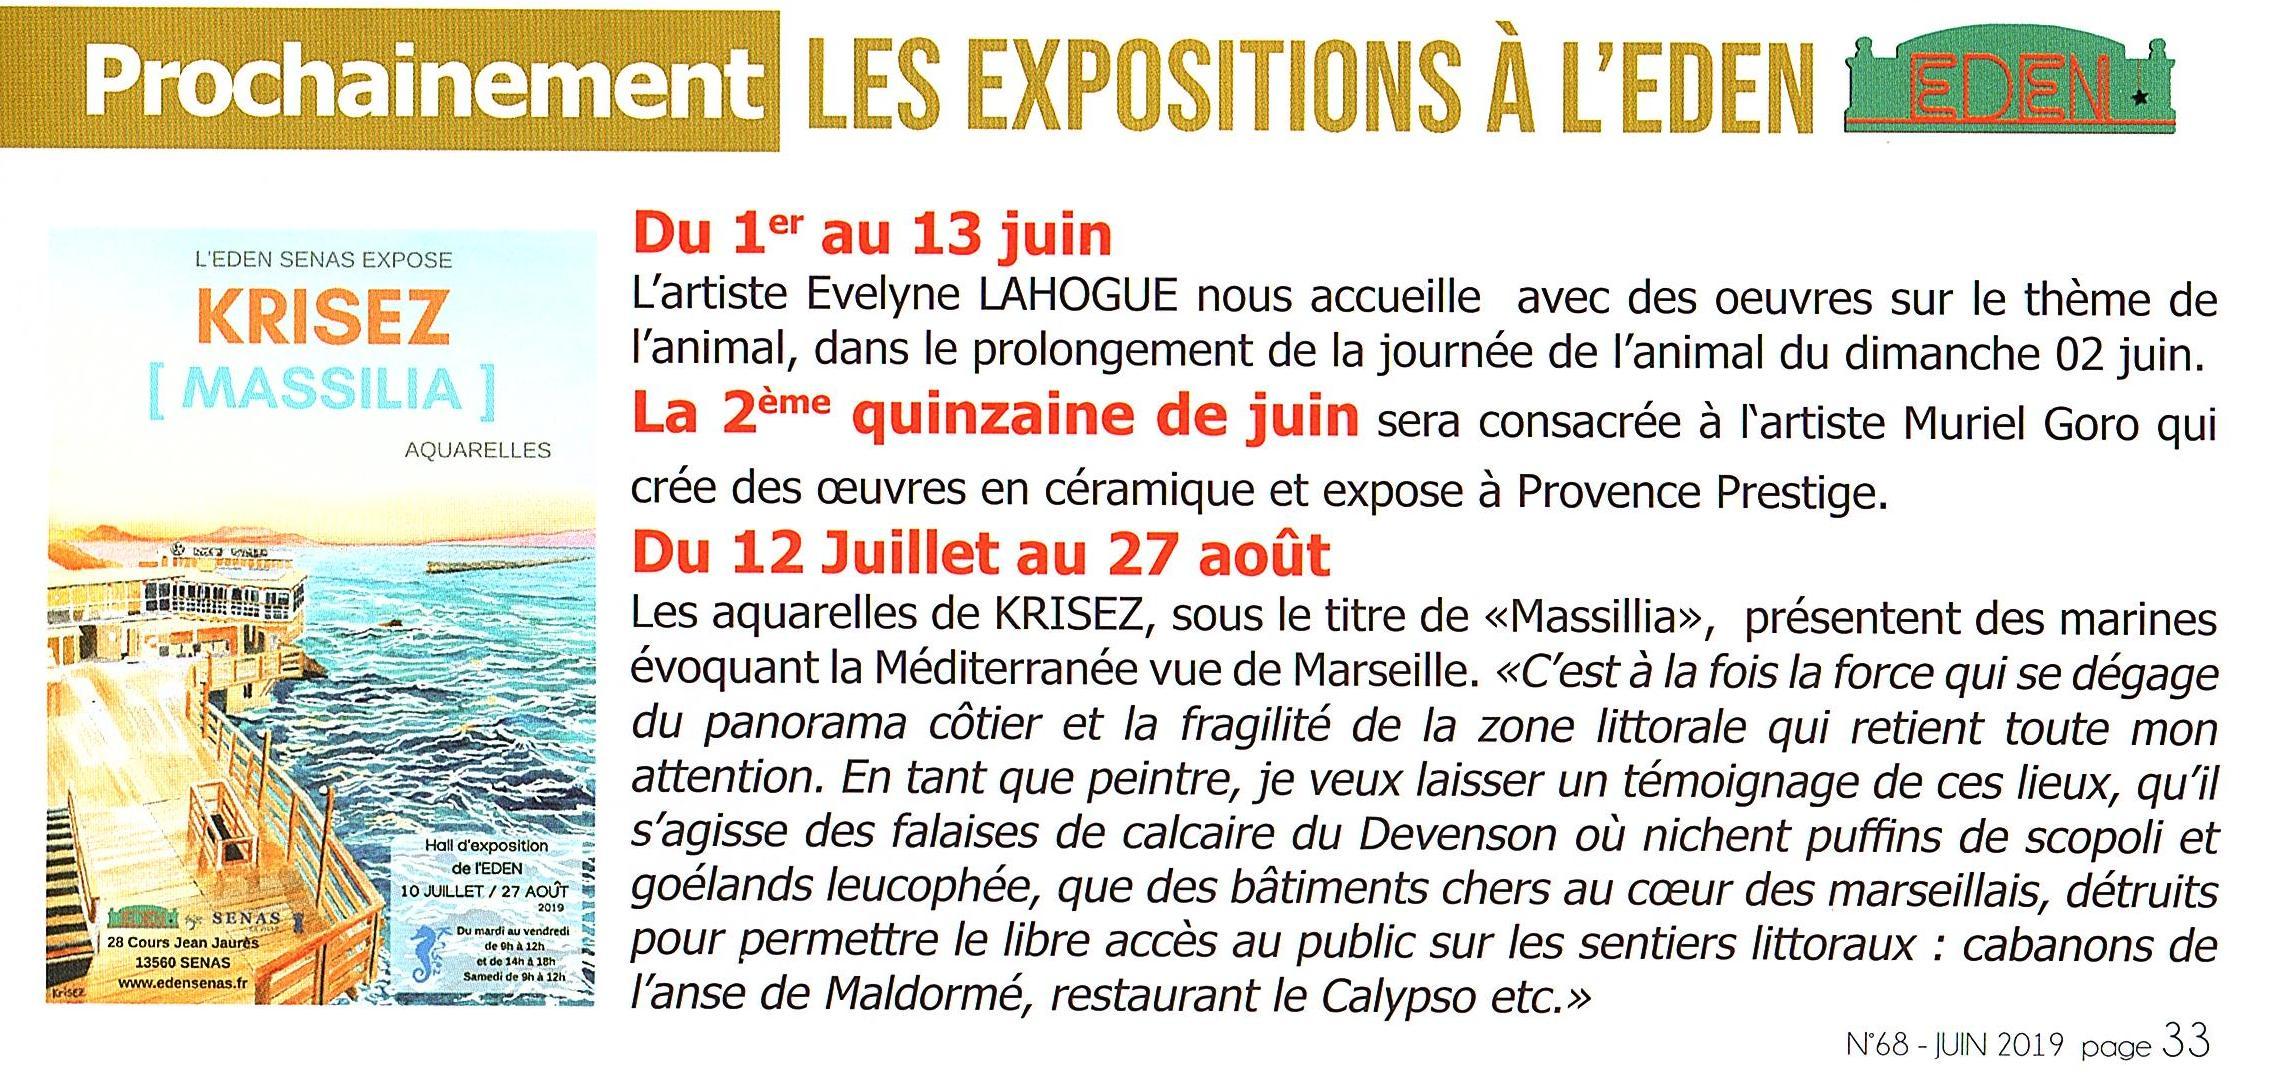 Sénas Mag n°68 Trimestriel de Juin 2019. Page 33